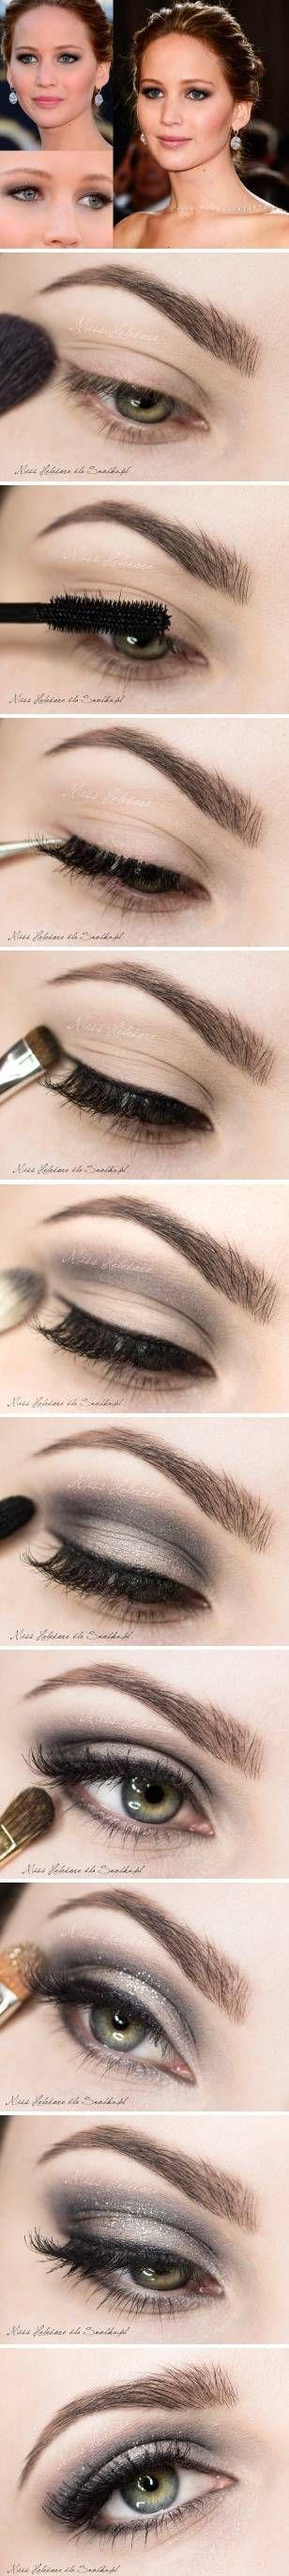 Jennifer Lawrence makeup style